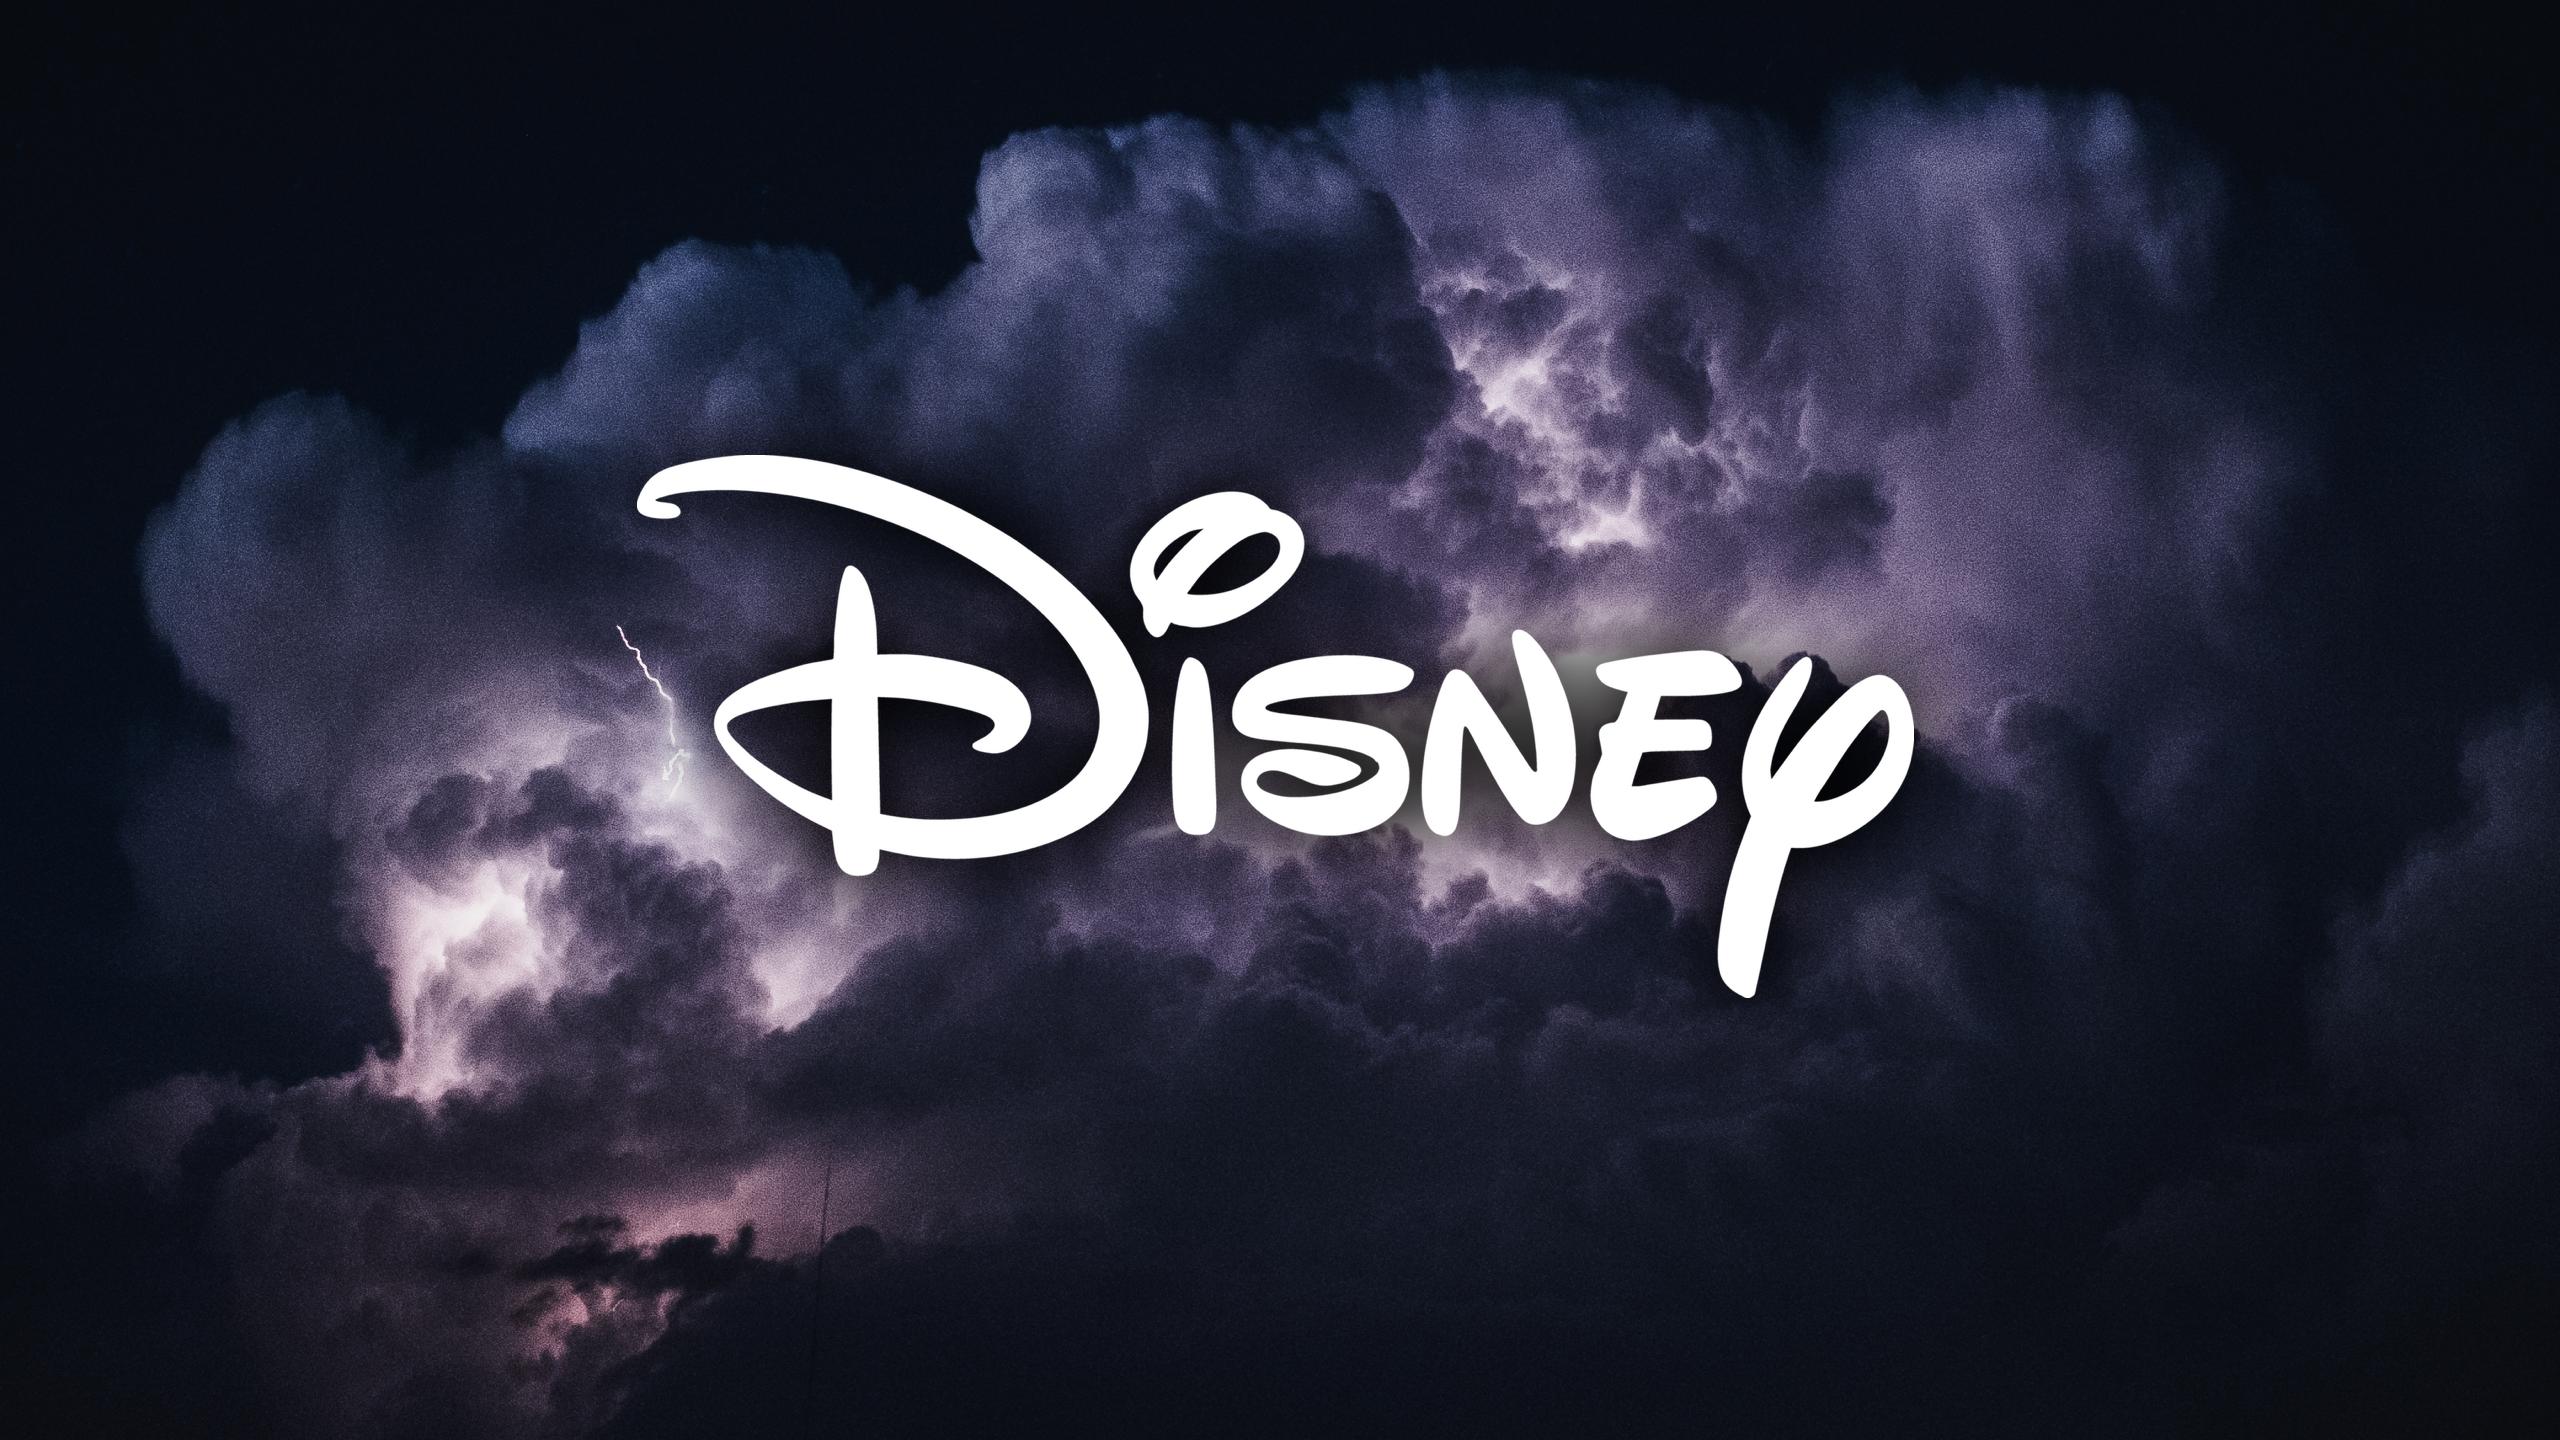 Disney Opent Aanval Op Netflix En Apple Video Met Peperdure Serie